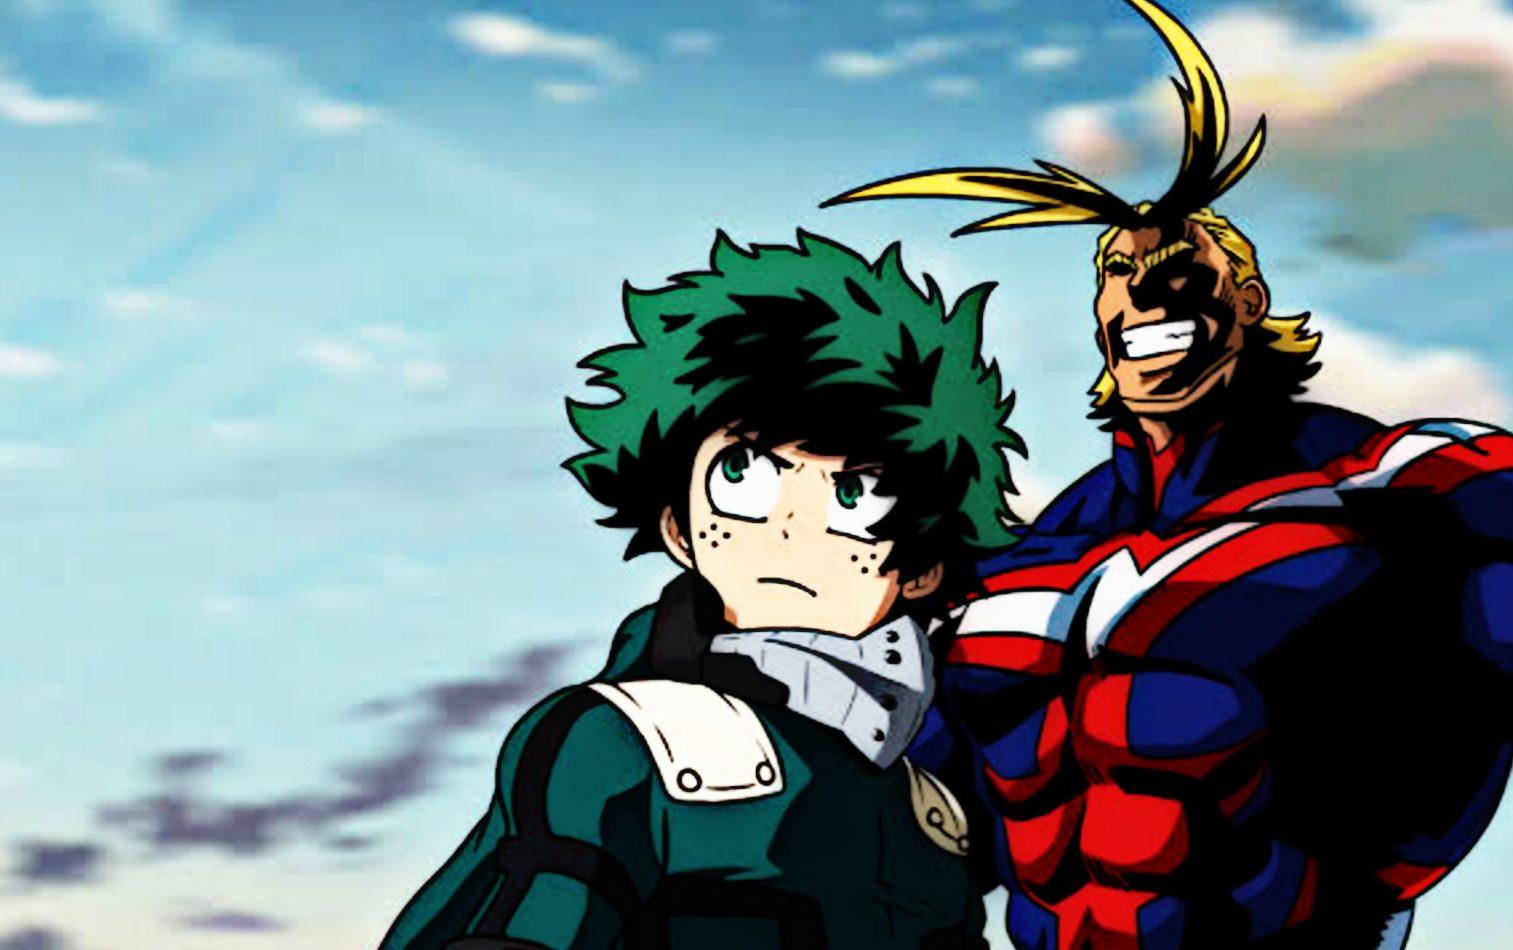 Is Hisashi Midoriya a hero